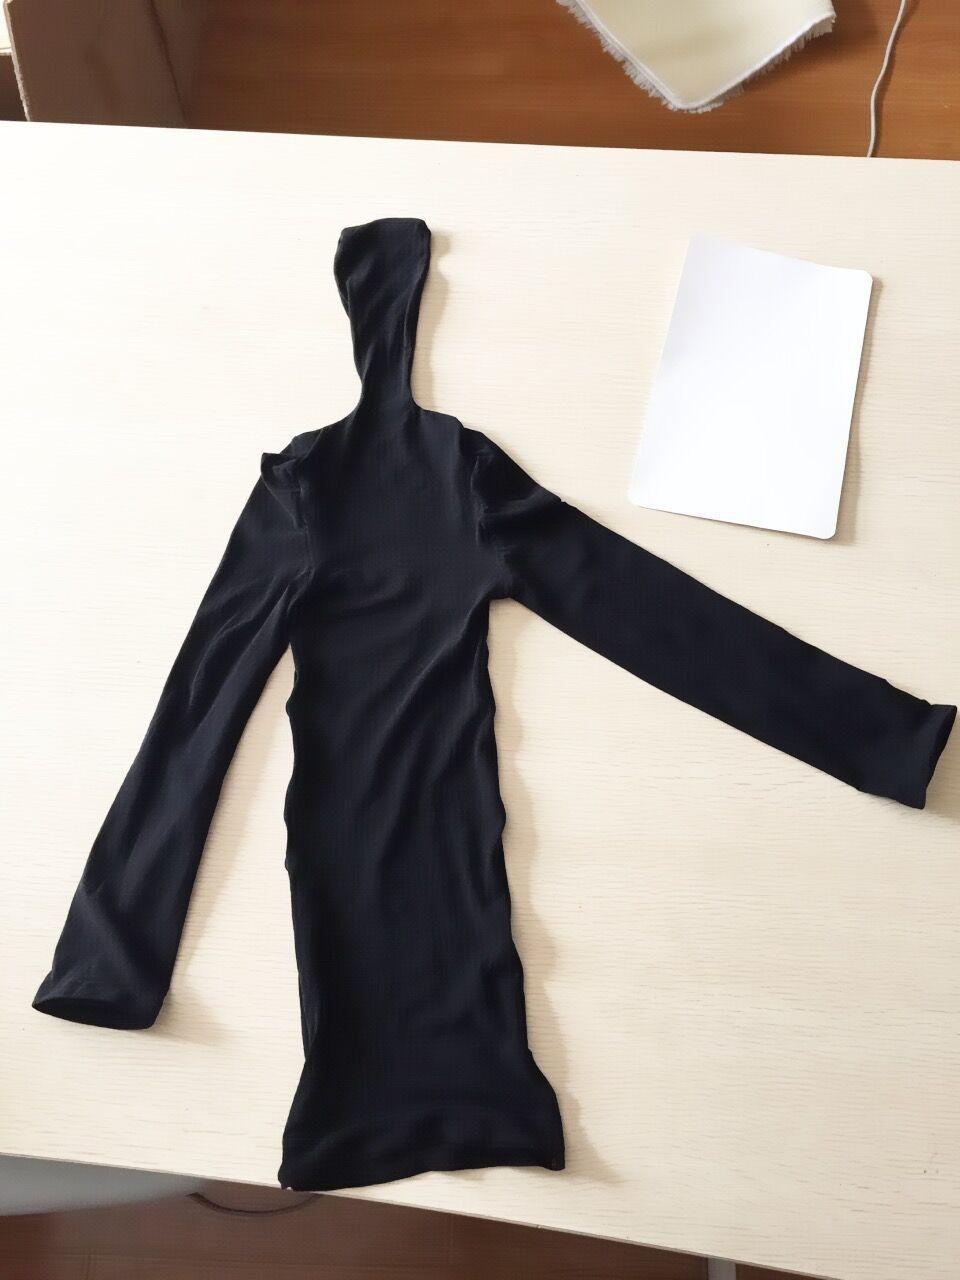 fP3cv stoc calzini top testa tessuto superiore sacchetto elastiche elevate filo in acciaio comodo calze di seta materiale attillati avvolto a mano borsa